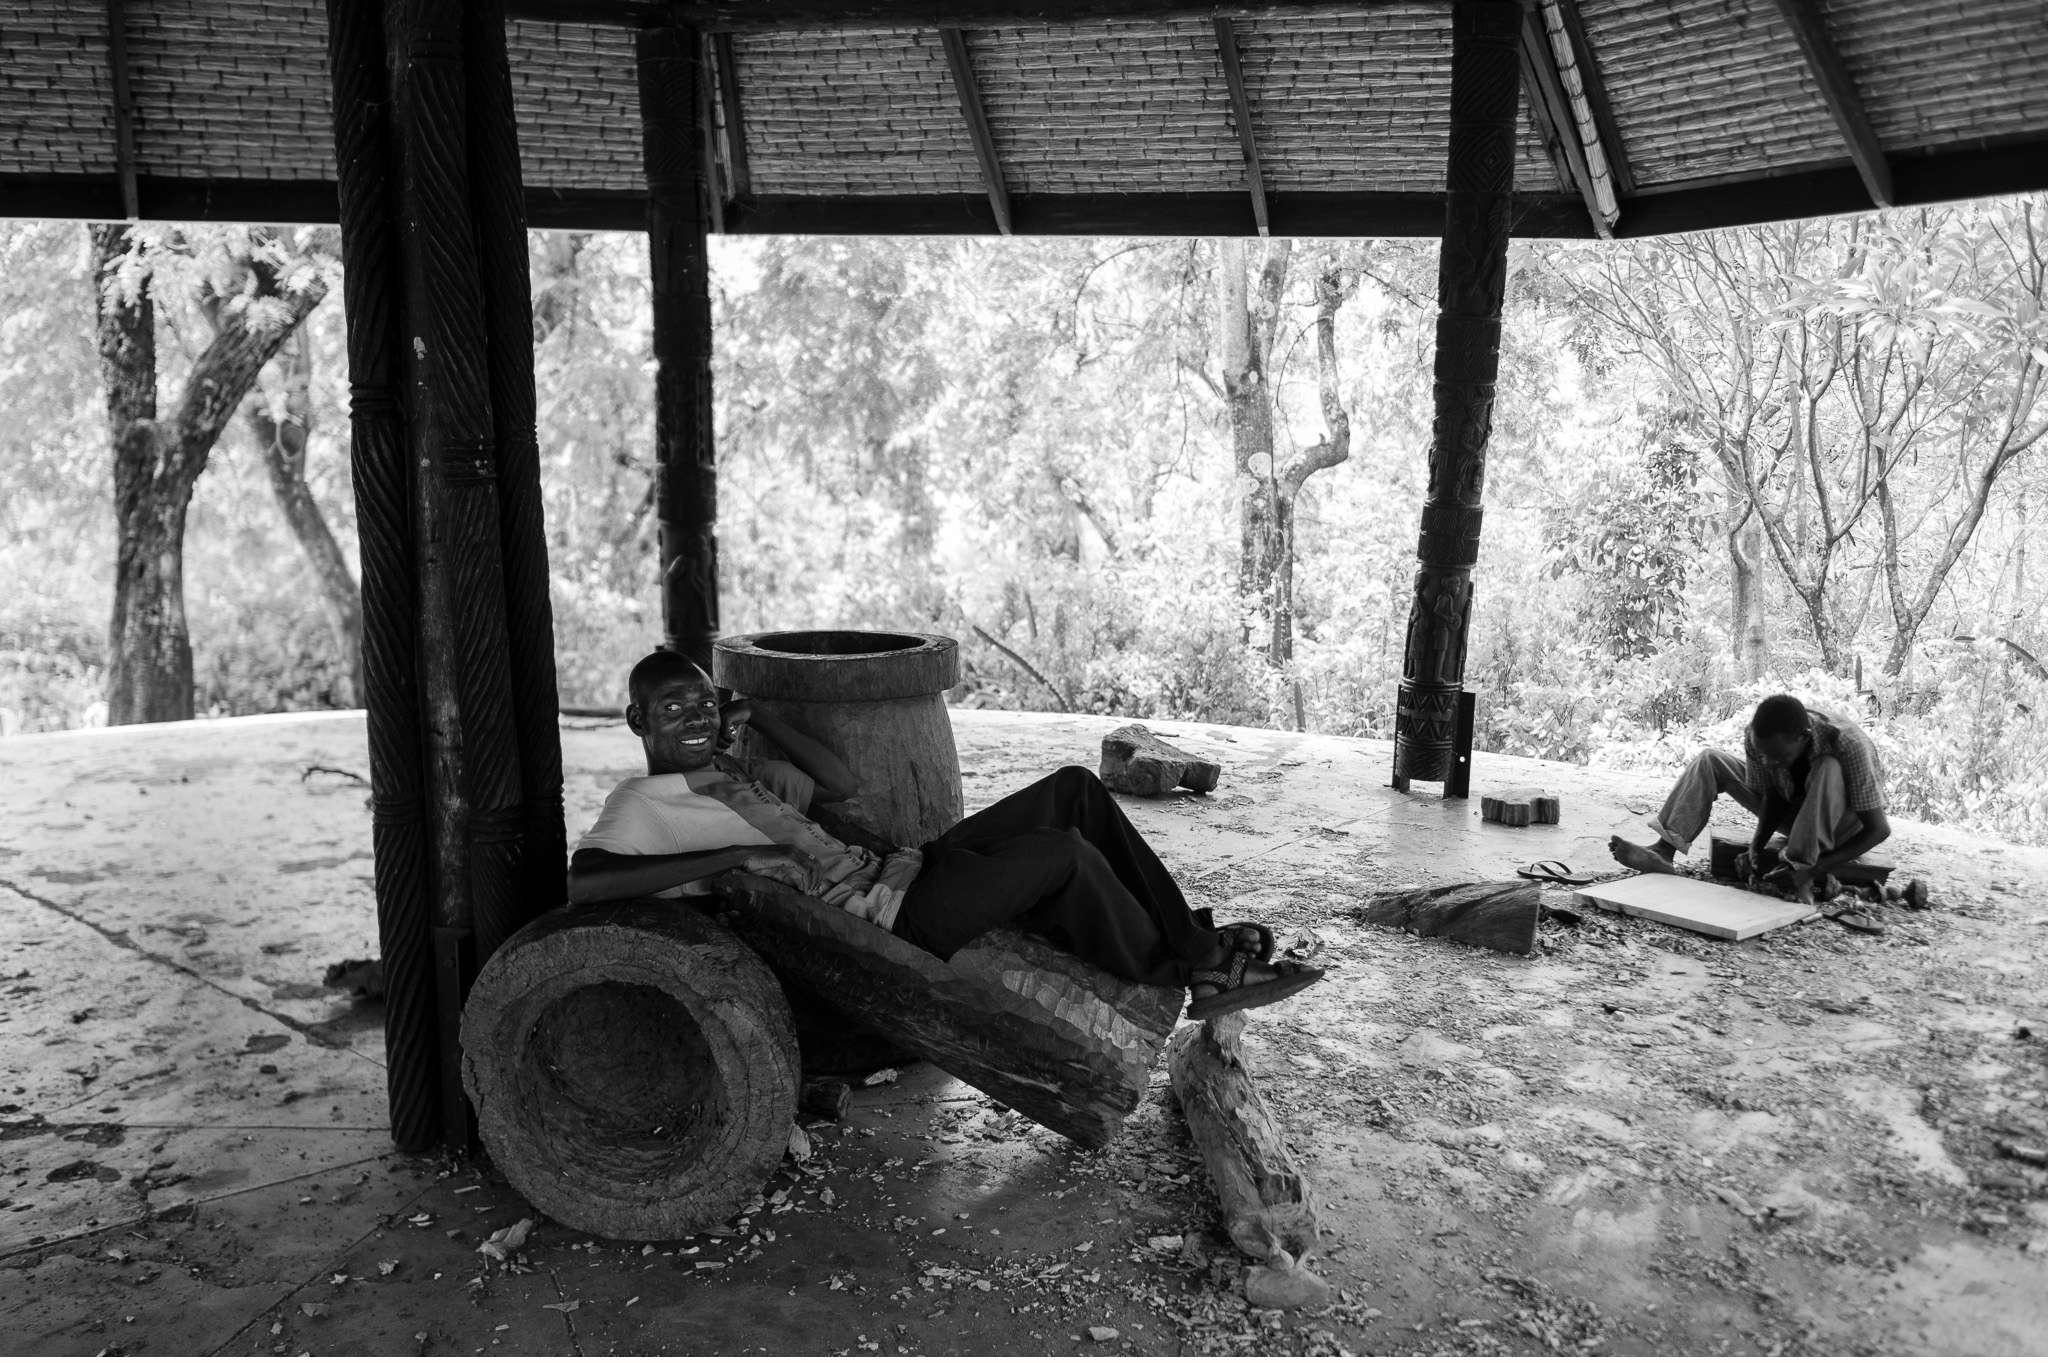 Malawi-Quer durch Afrika- Geschichten von unterwegs by Marion and Daniel-40